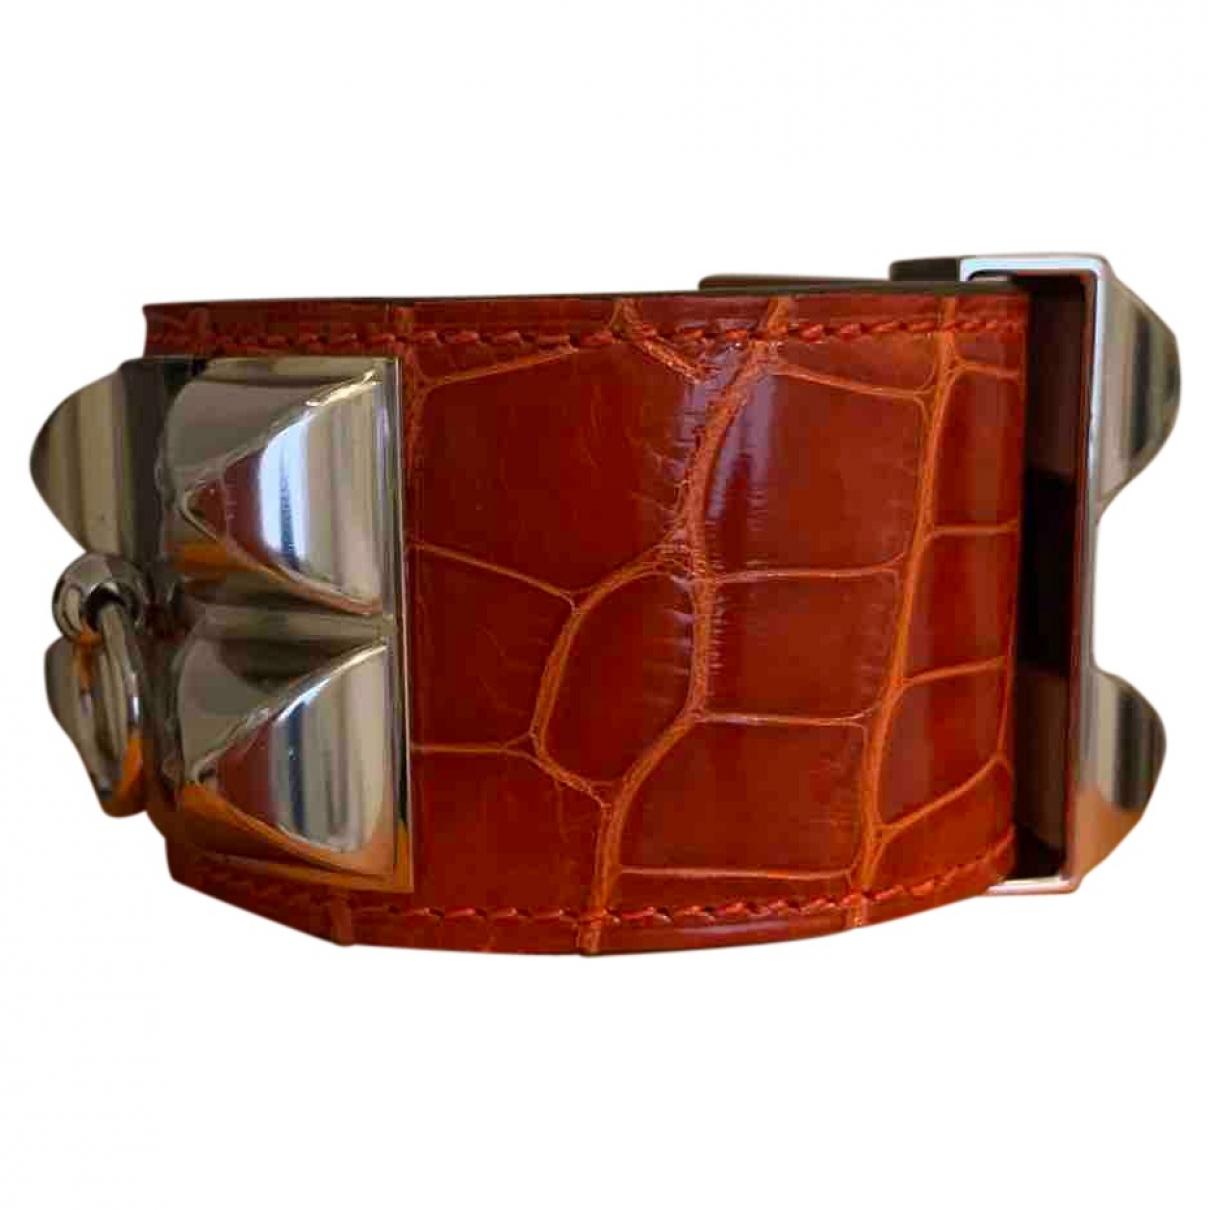 Hermes Collier de chien  Armband in  Orange Aligator